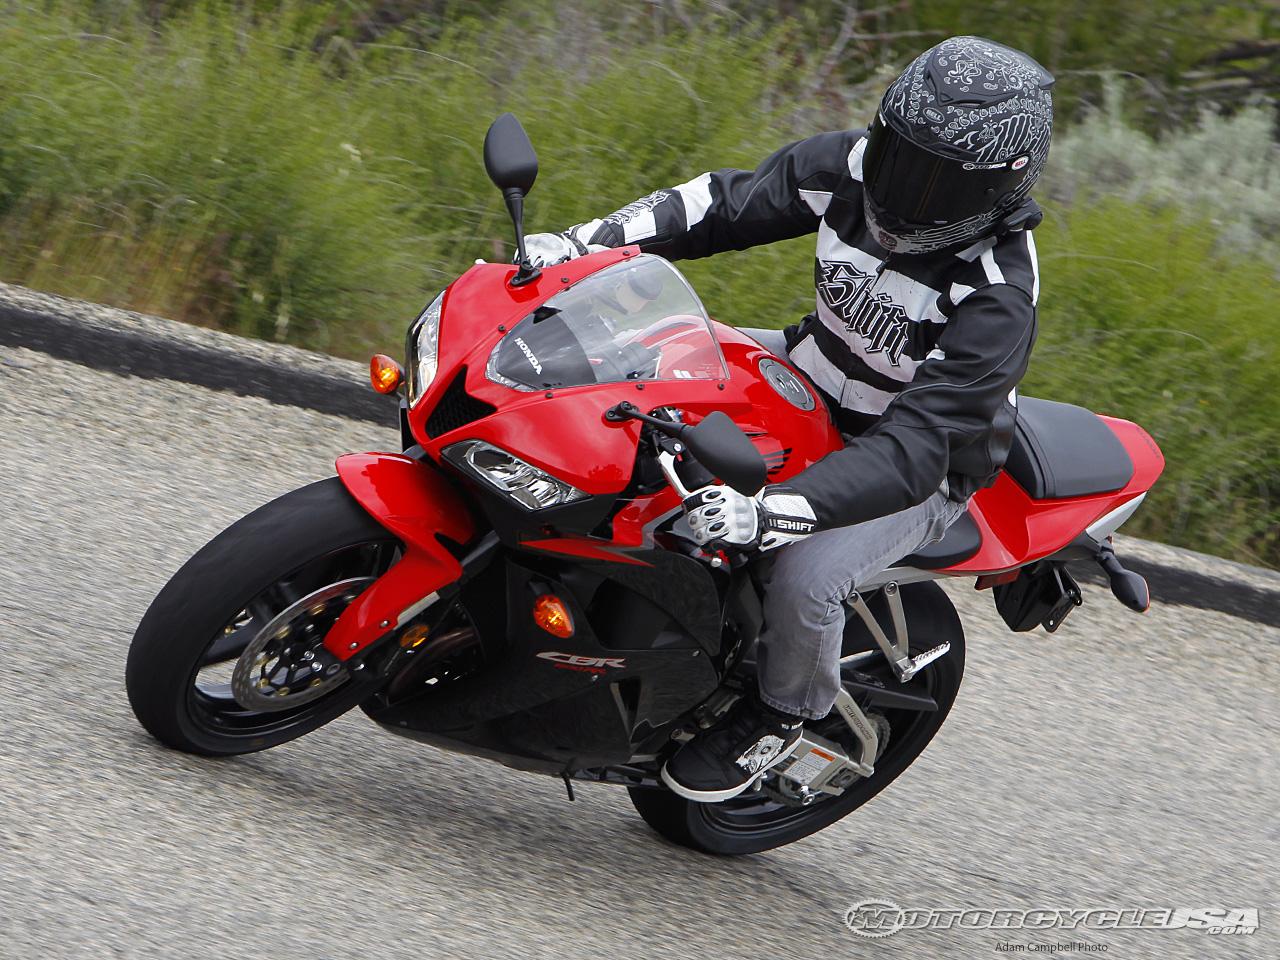 【本田CBR600RR摩托车图片】本田摩托车图片大全_机车网